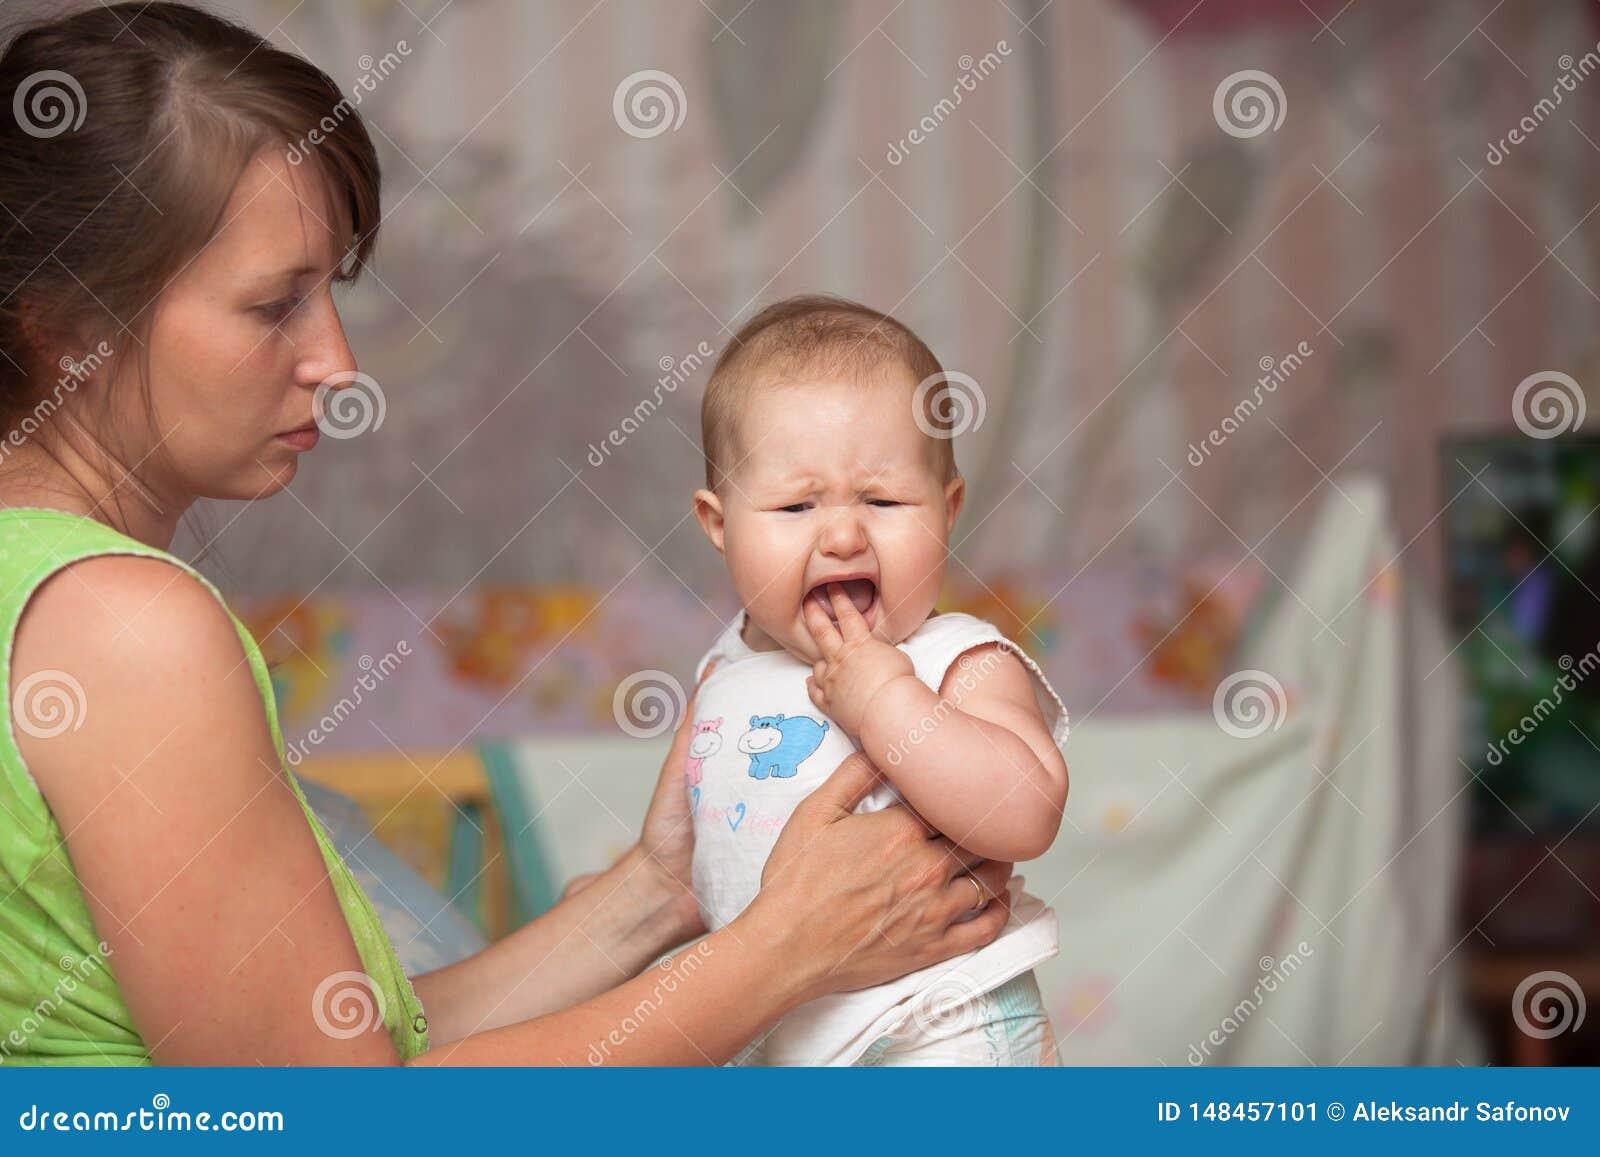 Une jeune femme avec un enfant fait ses dents